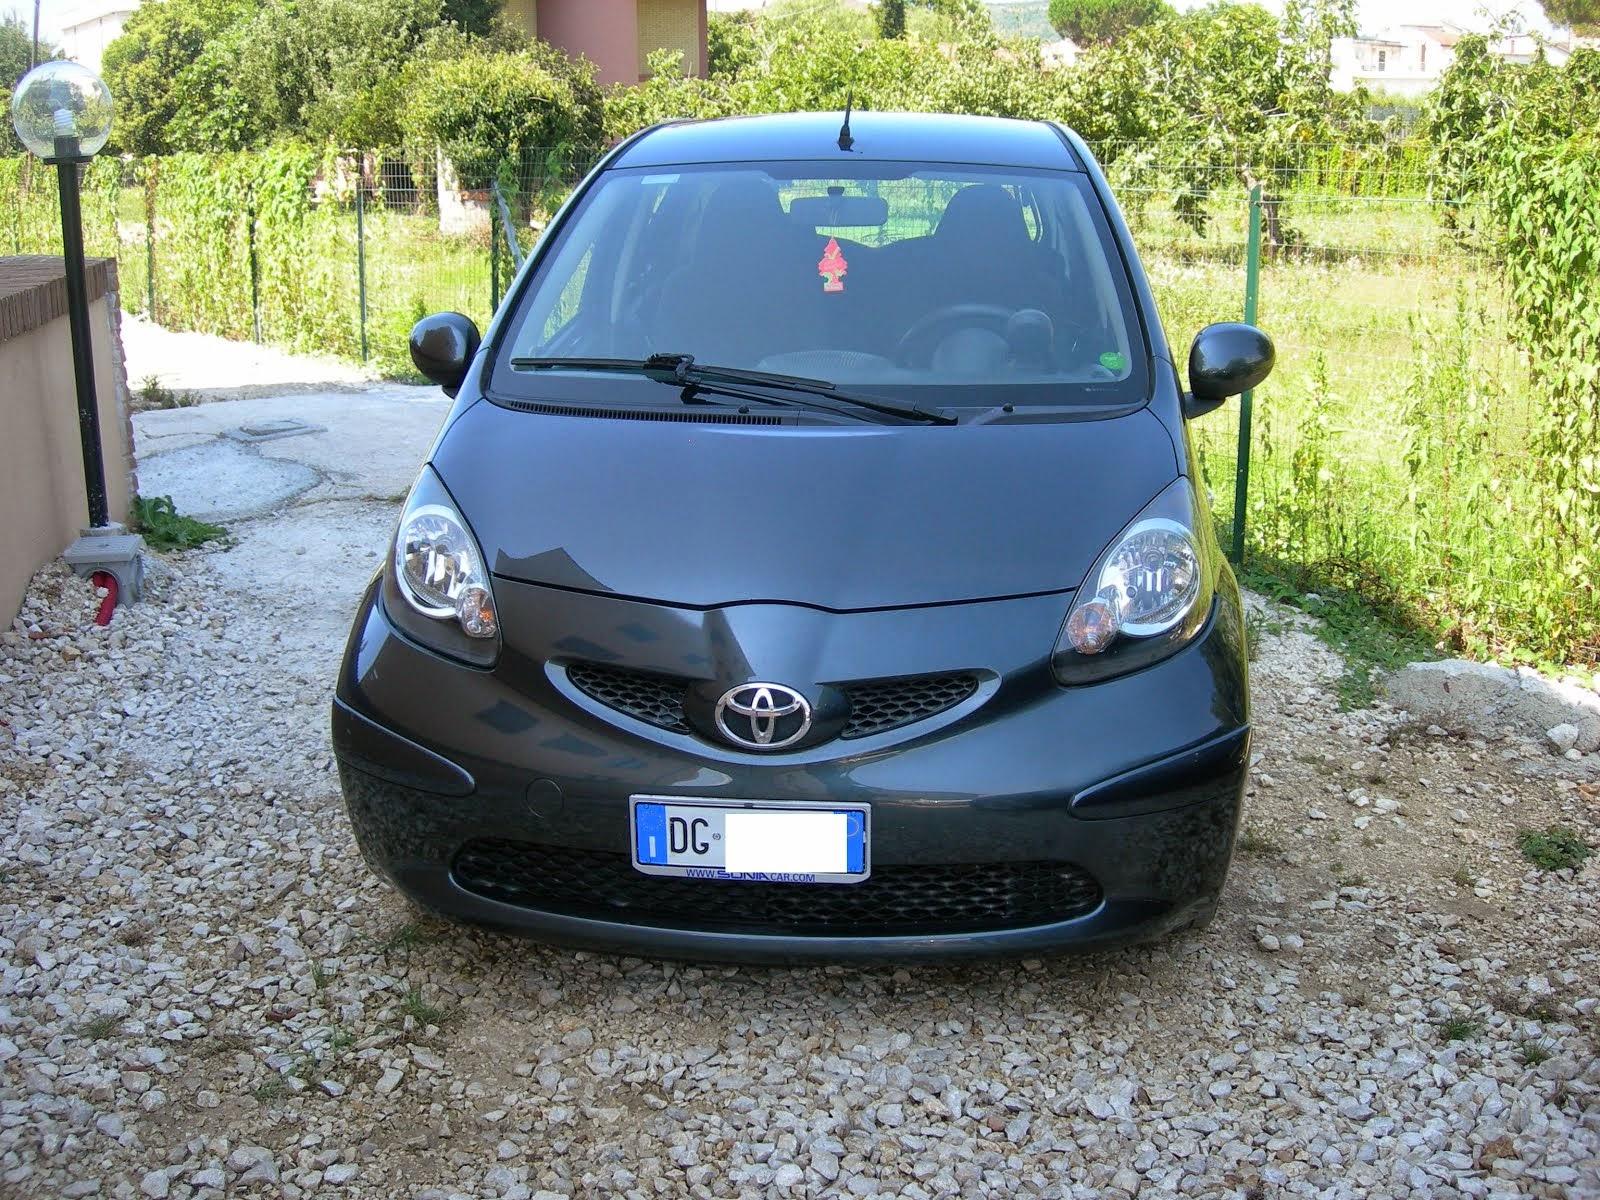 Toyota Aygo 1.0 5porte con clima anno 2007 70.000 km 5.000,00 euro